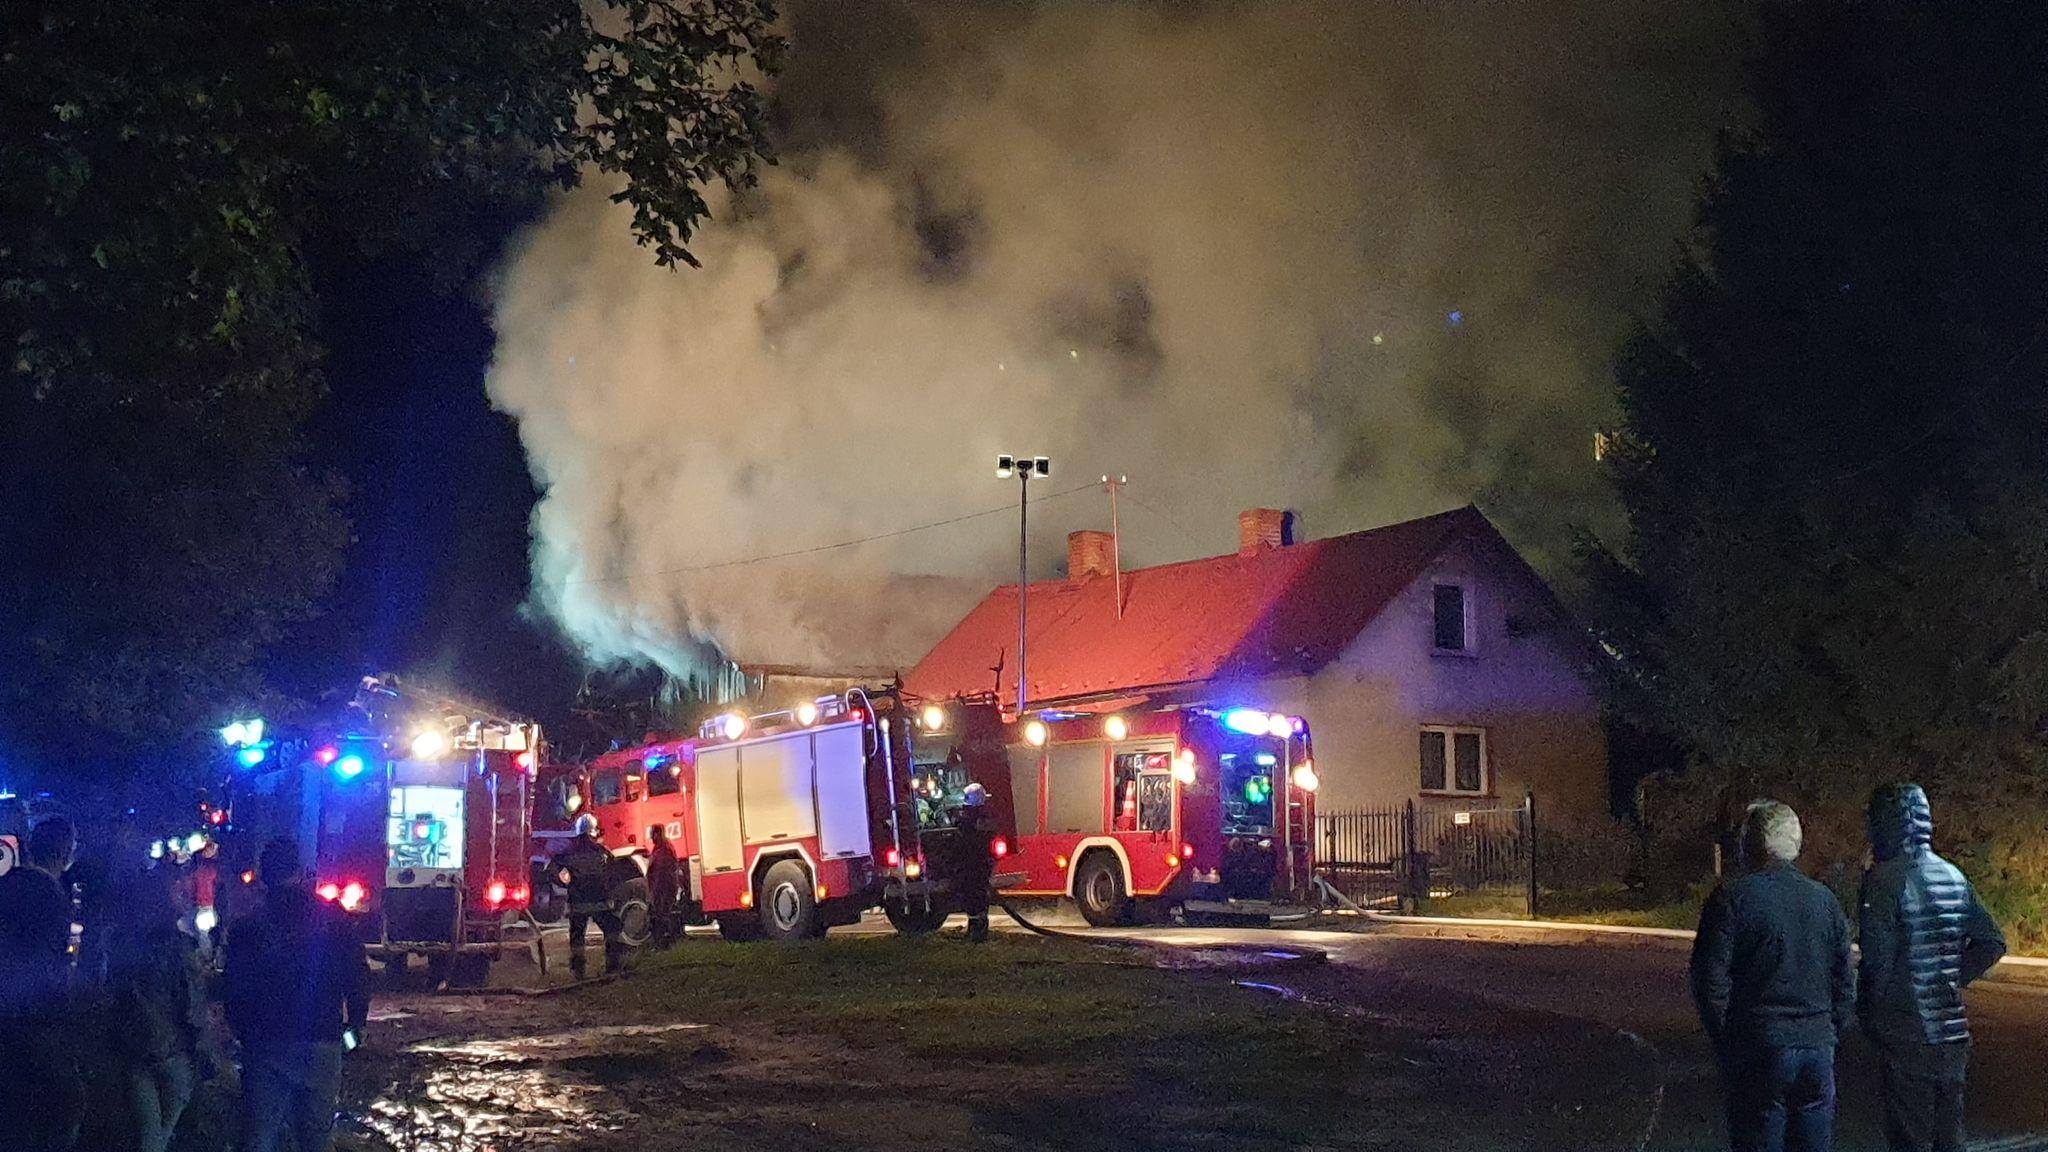 TERAZ! Gigantyczny pożar domu w Lesku [FOTO+VIDEO] - Zdjęcie główne